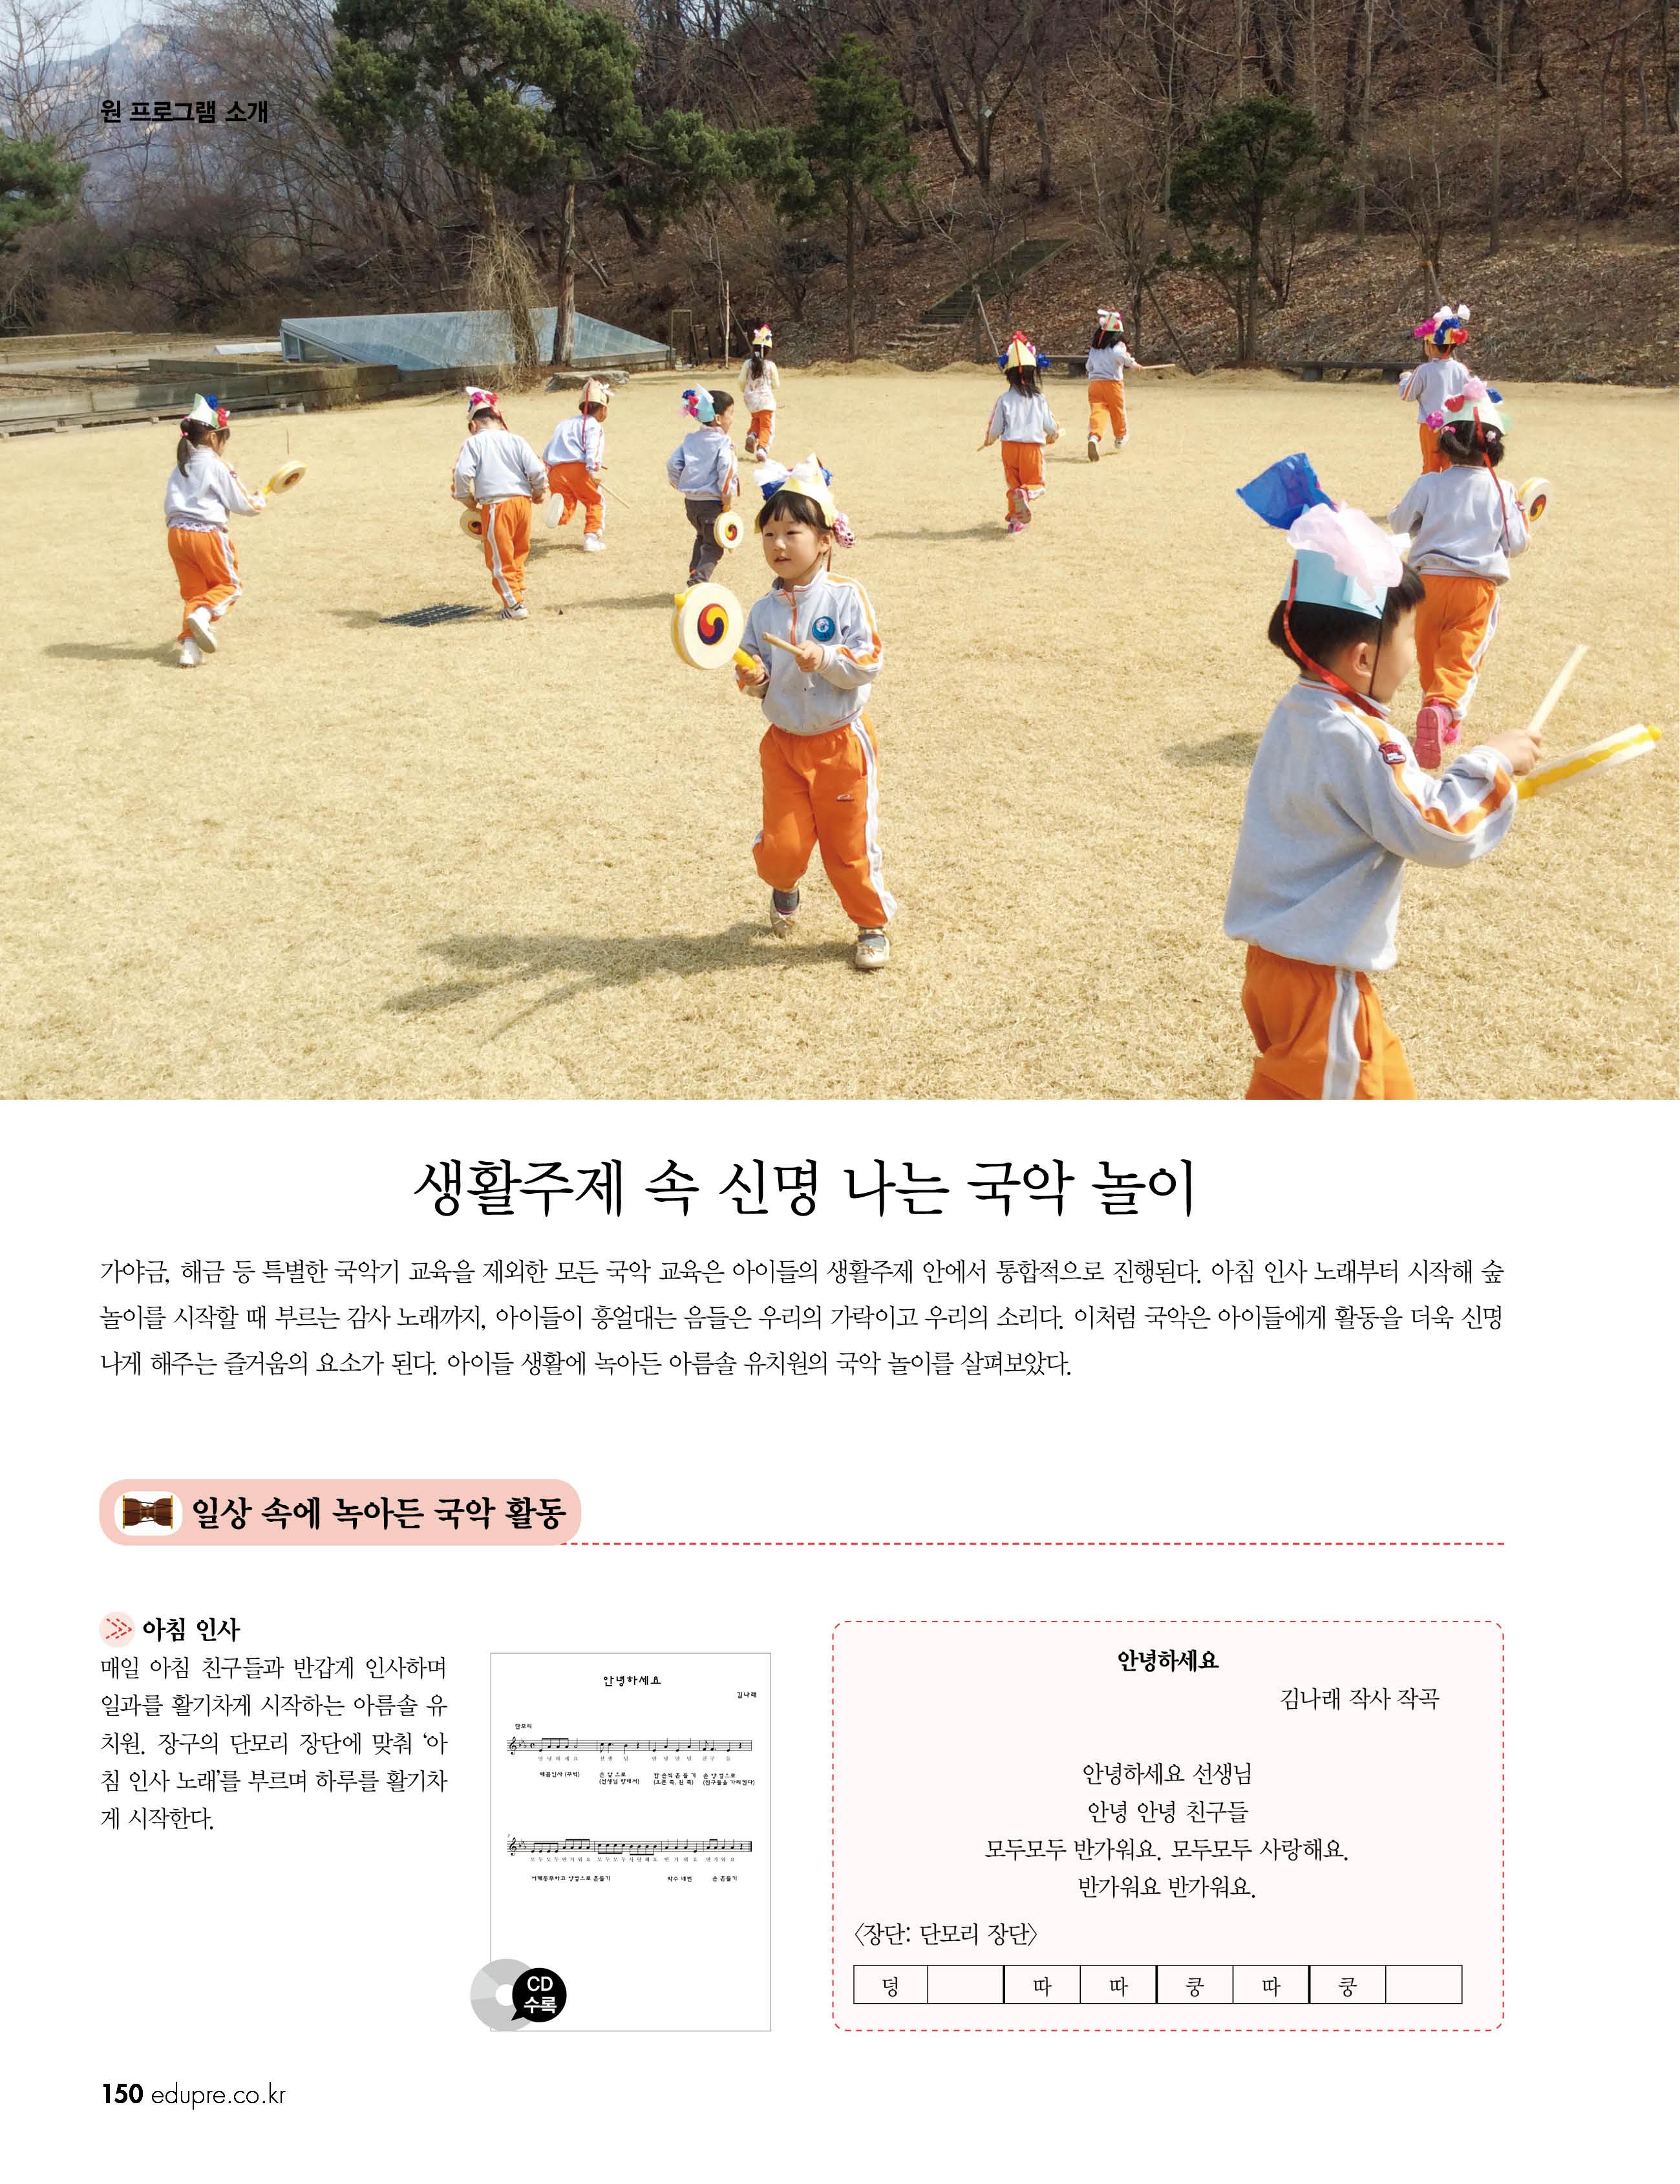 150 원 프로그램 소개 최종